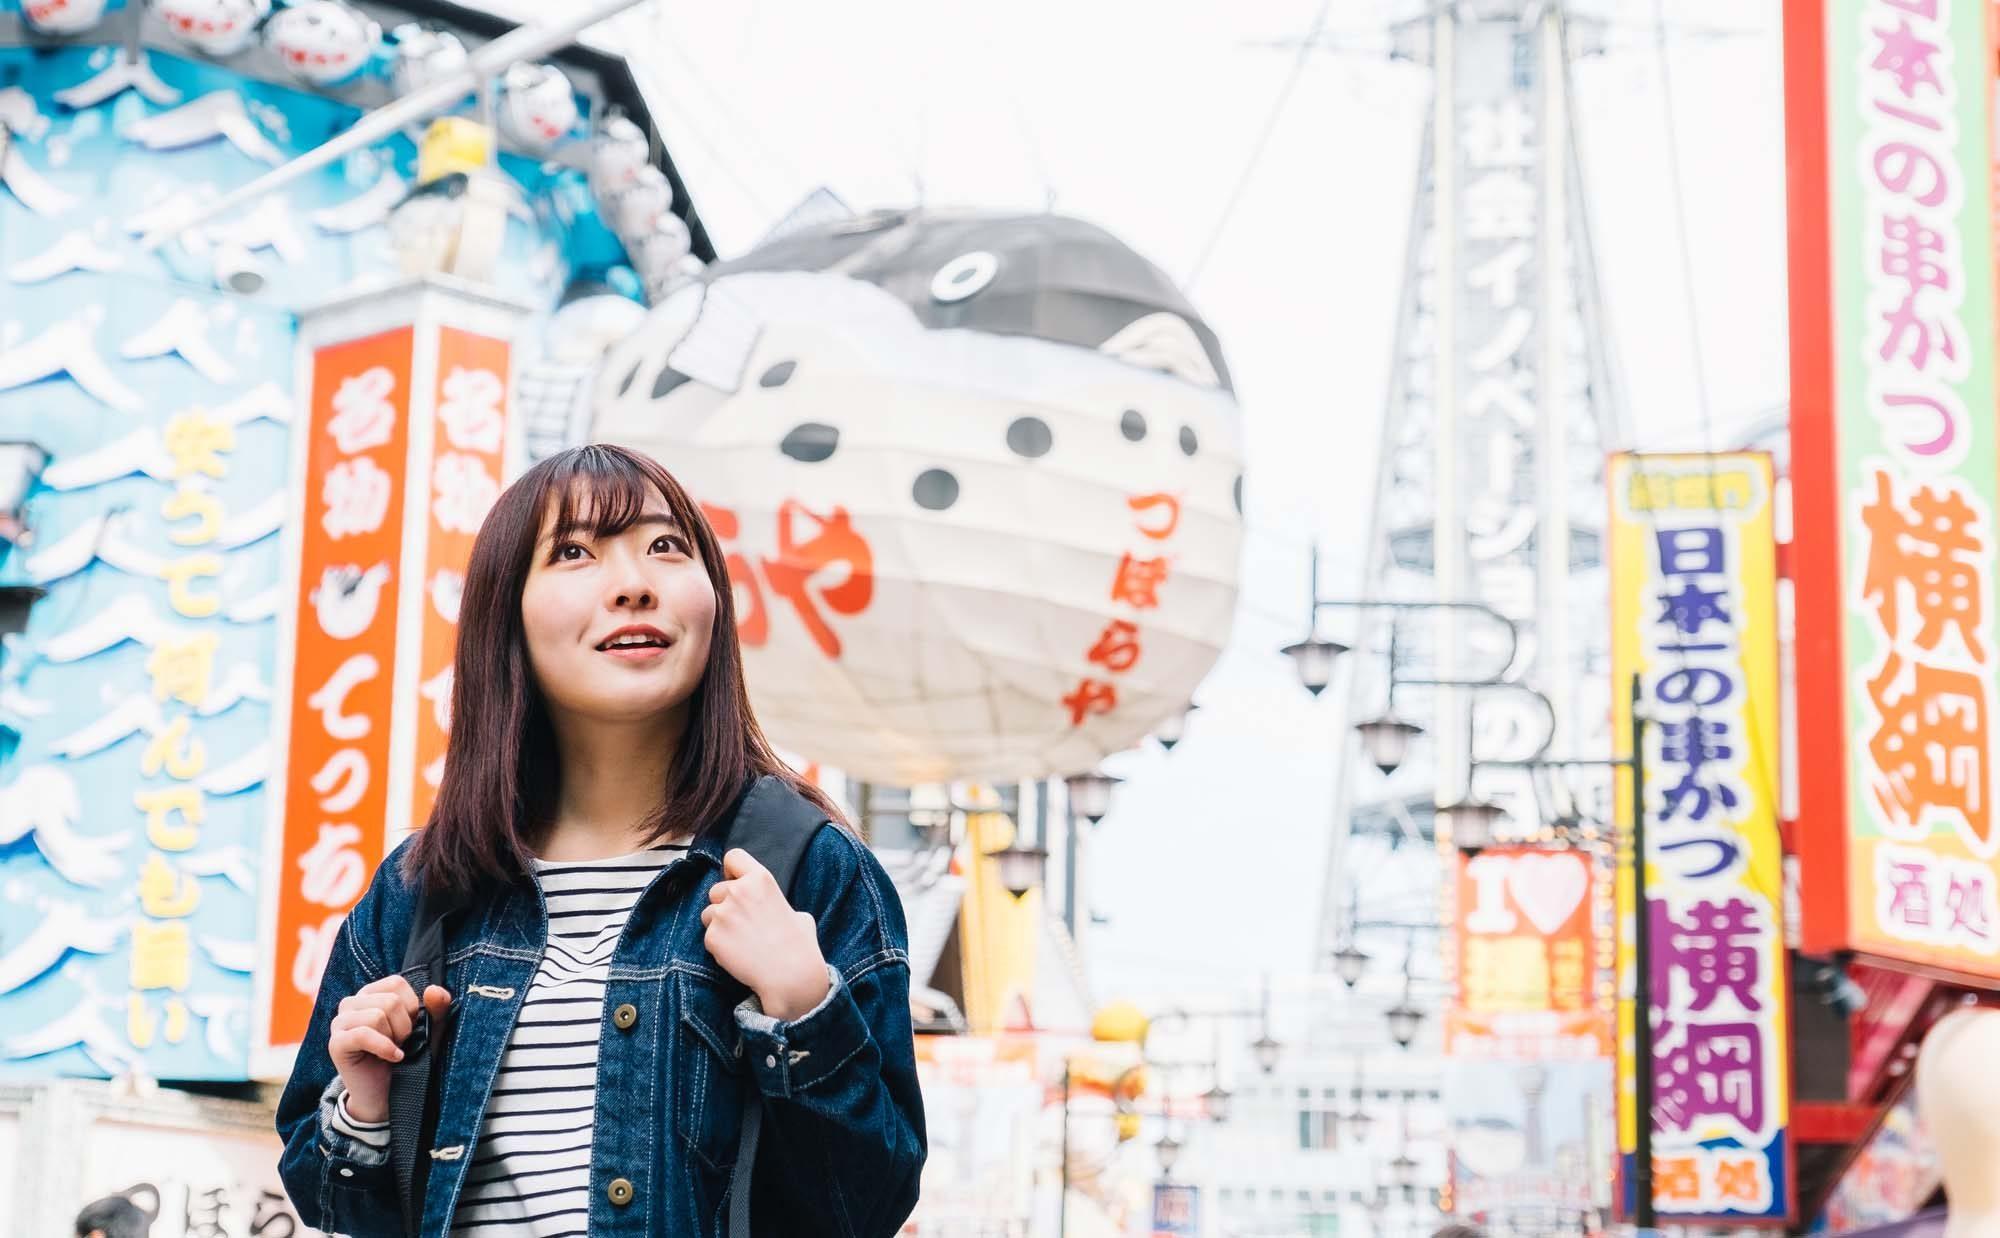 【特集】大阪の一人暮らし体験記。江坂や上新庄、実際の住み心地はどう?